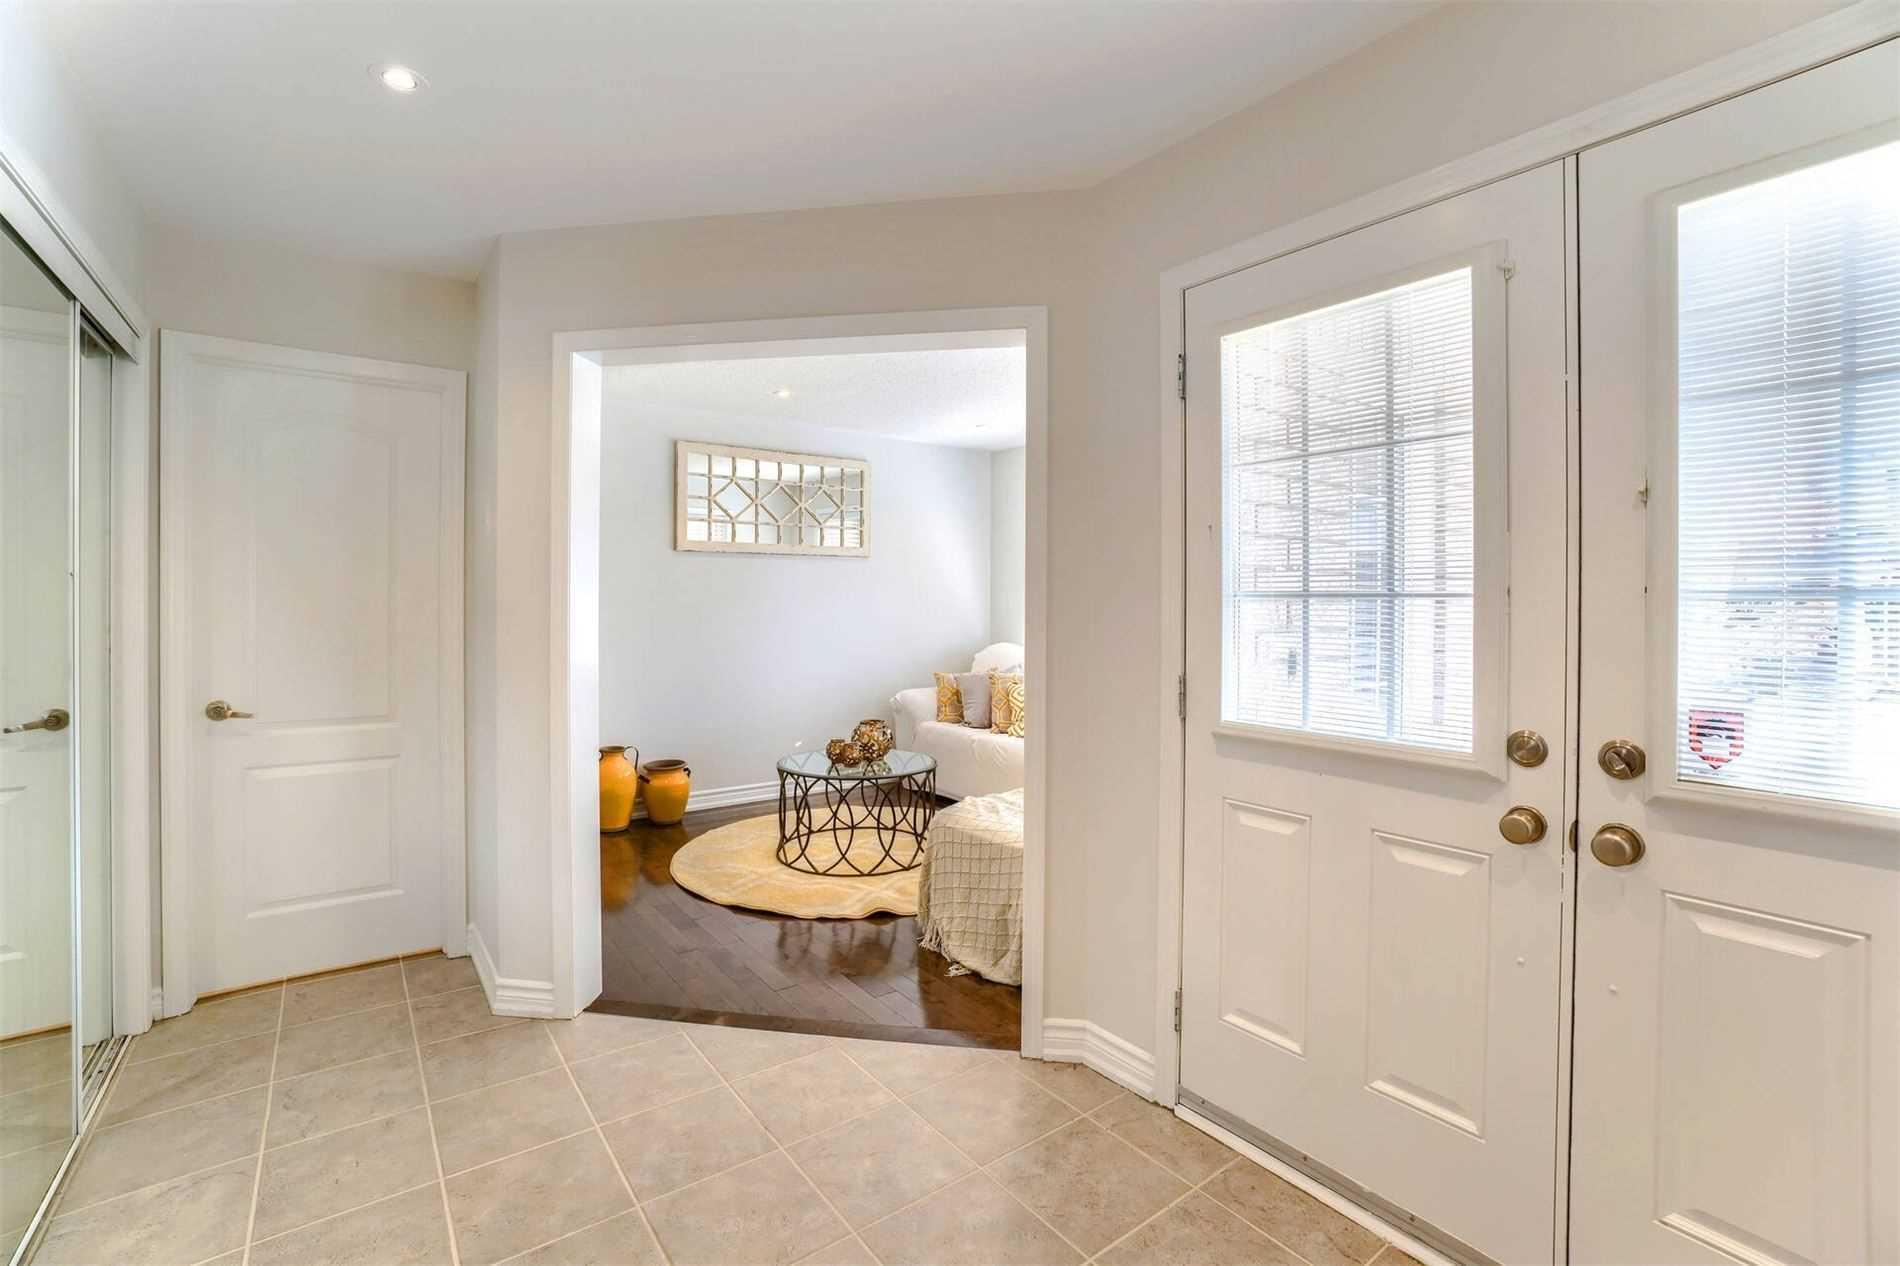 909 Hepburn Rd - Coates Detached for sale, 4 Bedrooms (W5398610) - #4